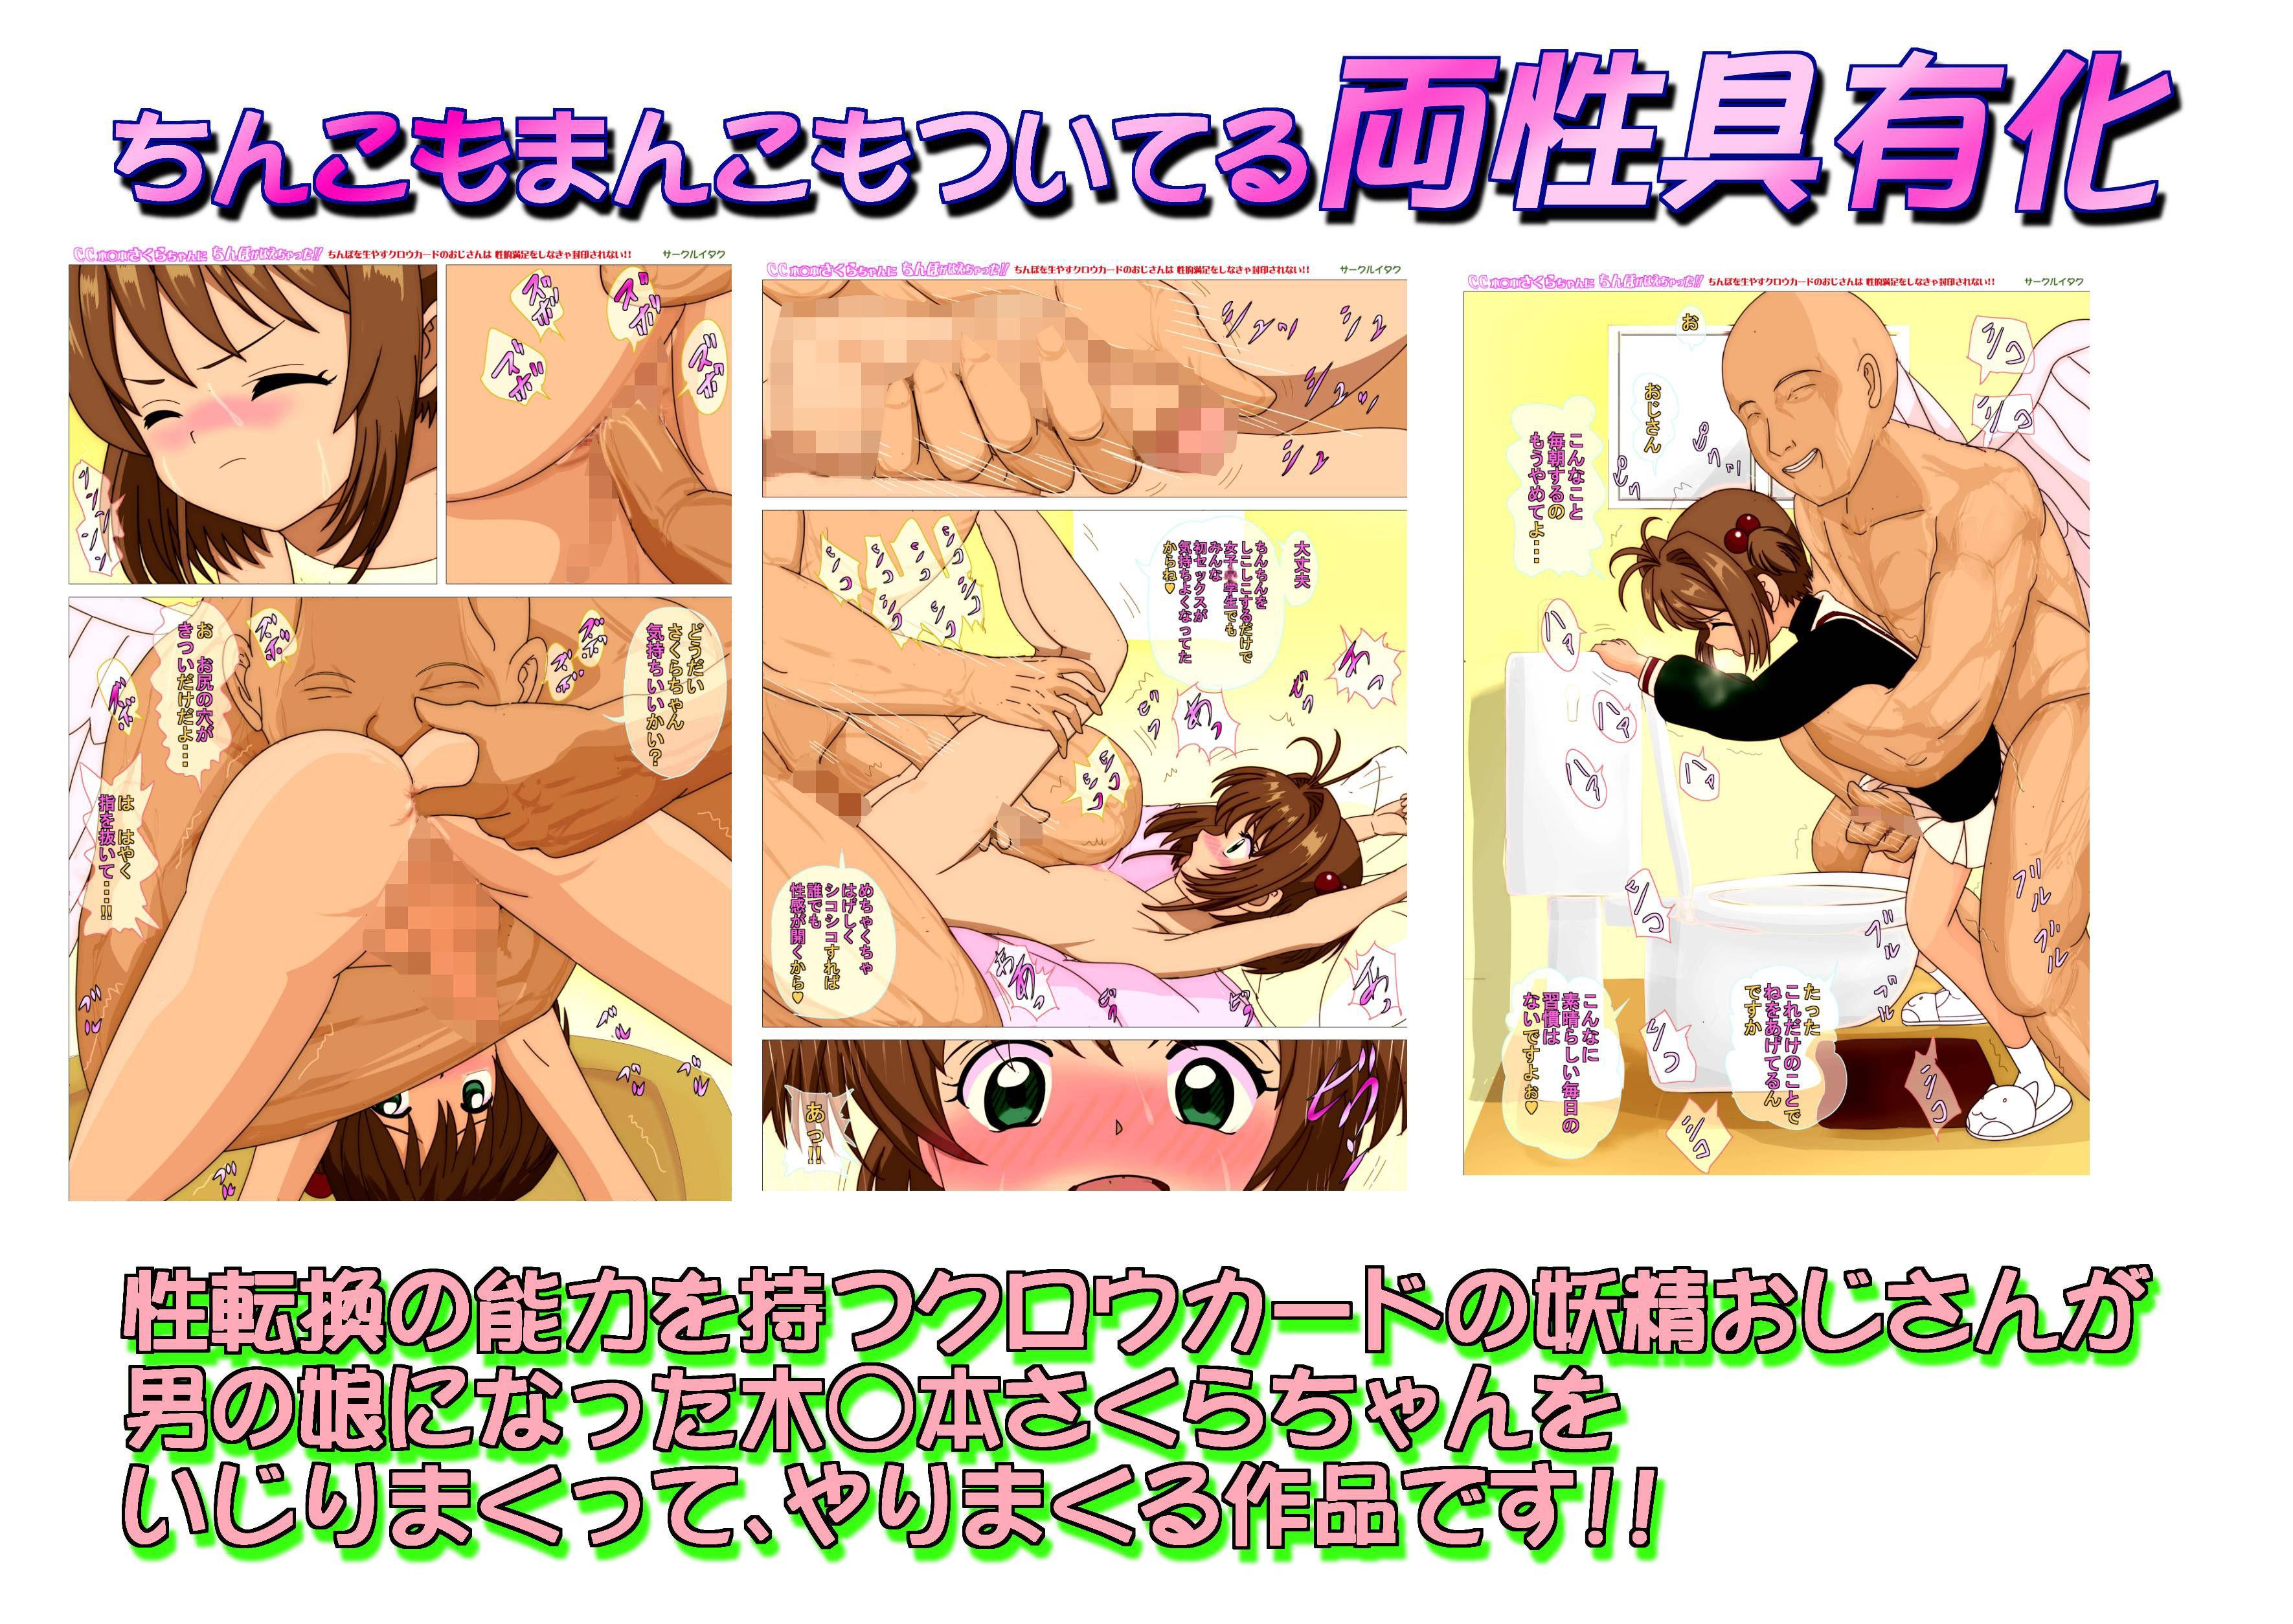 CC木◯本さくらちゃんにちんぽがはえちゃった!! ちんぽを生やすクロウカードのおじさんは 性的満足をし...のサンプル画像2